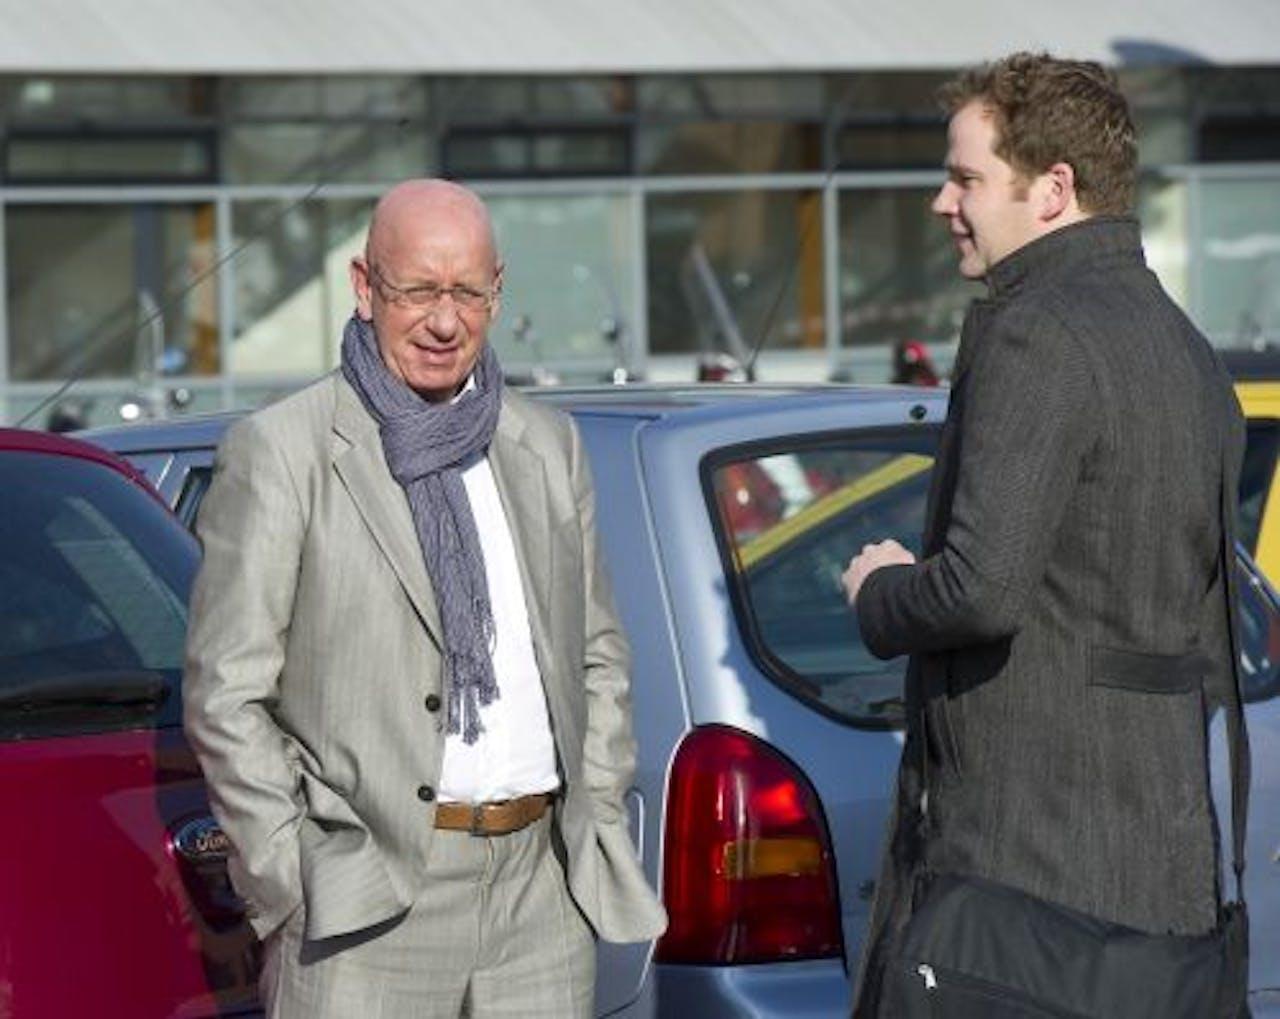 Voormalig directeur Dick Grijpink (L) van Taxicentrale Amsterdam arriveert donderdag samen met zijn advocaat Brendan Newitt bij de rechtbank in Alkmaar. ANP